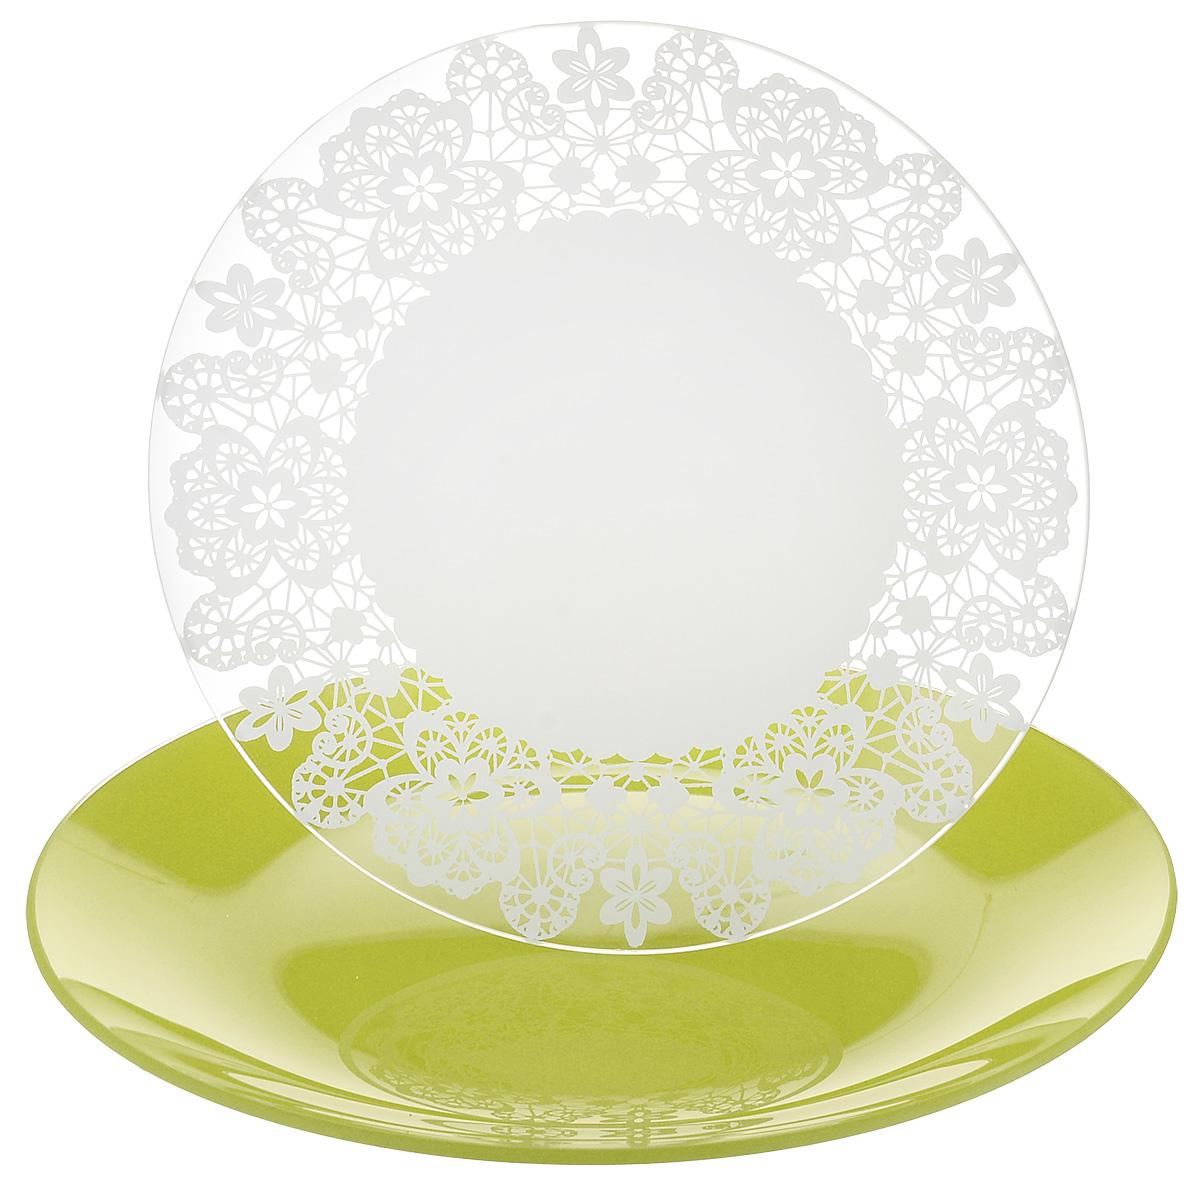 Набор тарелок NiNaGlass, цвет: зеленый, диаметр 20 см, 2 шт. 85-200-142псз85-200-142псзНабор тарелок NiNaGlass Кружево и Палитра выполнена из высококачественного стекла, декорирована под Вологодское кружево и подстановочная тарелка яркий насыщенный цвет. Набор идеален для подачи горячих блюд, сервировки праздничного стола, нарезок, салатов, овощей и фруктов. Он отлично подойдет как для повседневных, так и для торжественных случаев. Такой набор прекрасно впишется в интерьер вашей кухни и станет достойным дополнением к кухонному инвентарю.